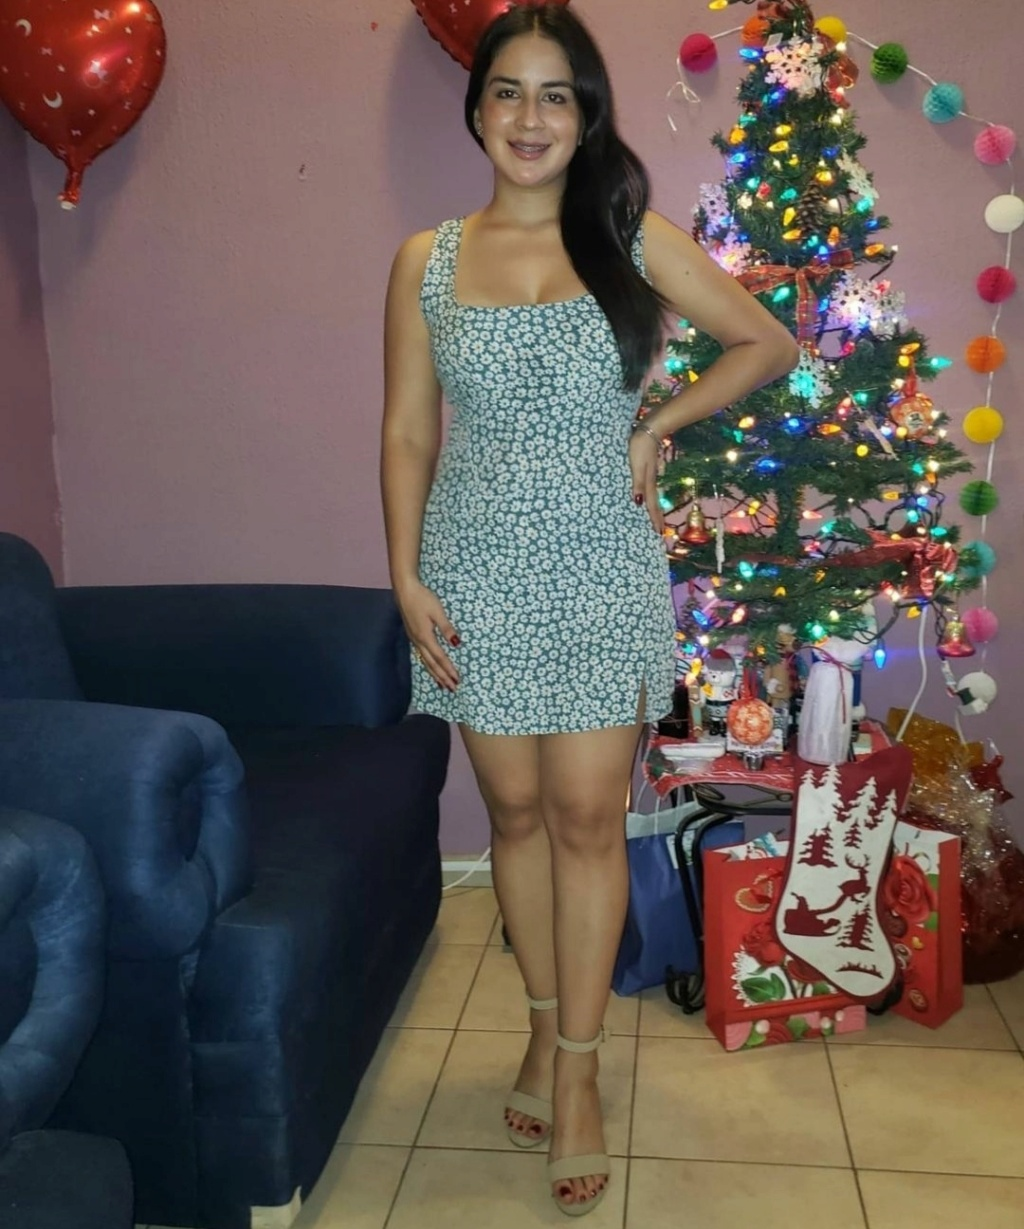 DEBATE sobre belleza, guapura y hermosura (fotos de chicas latinas, mestizas, y de todo) - VOL II - Página 14 Img_1635